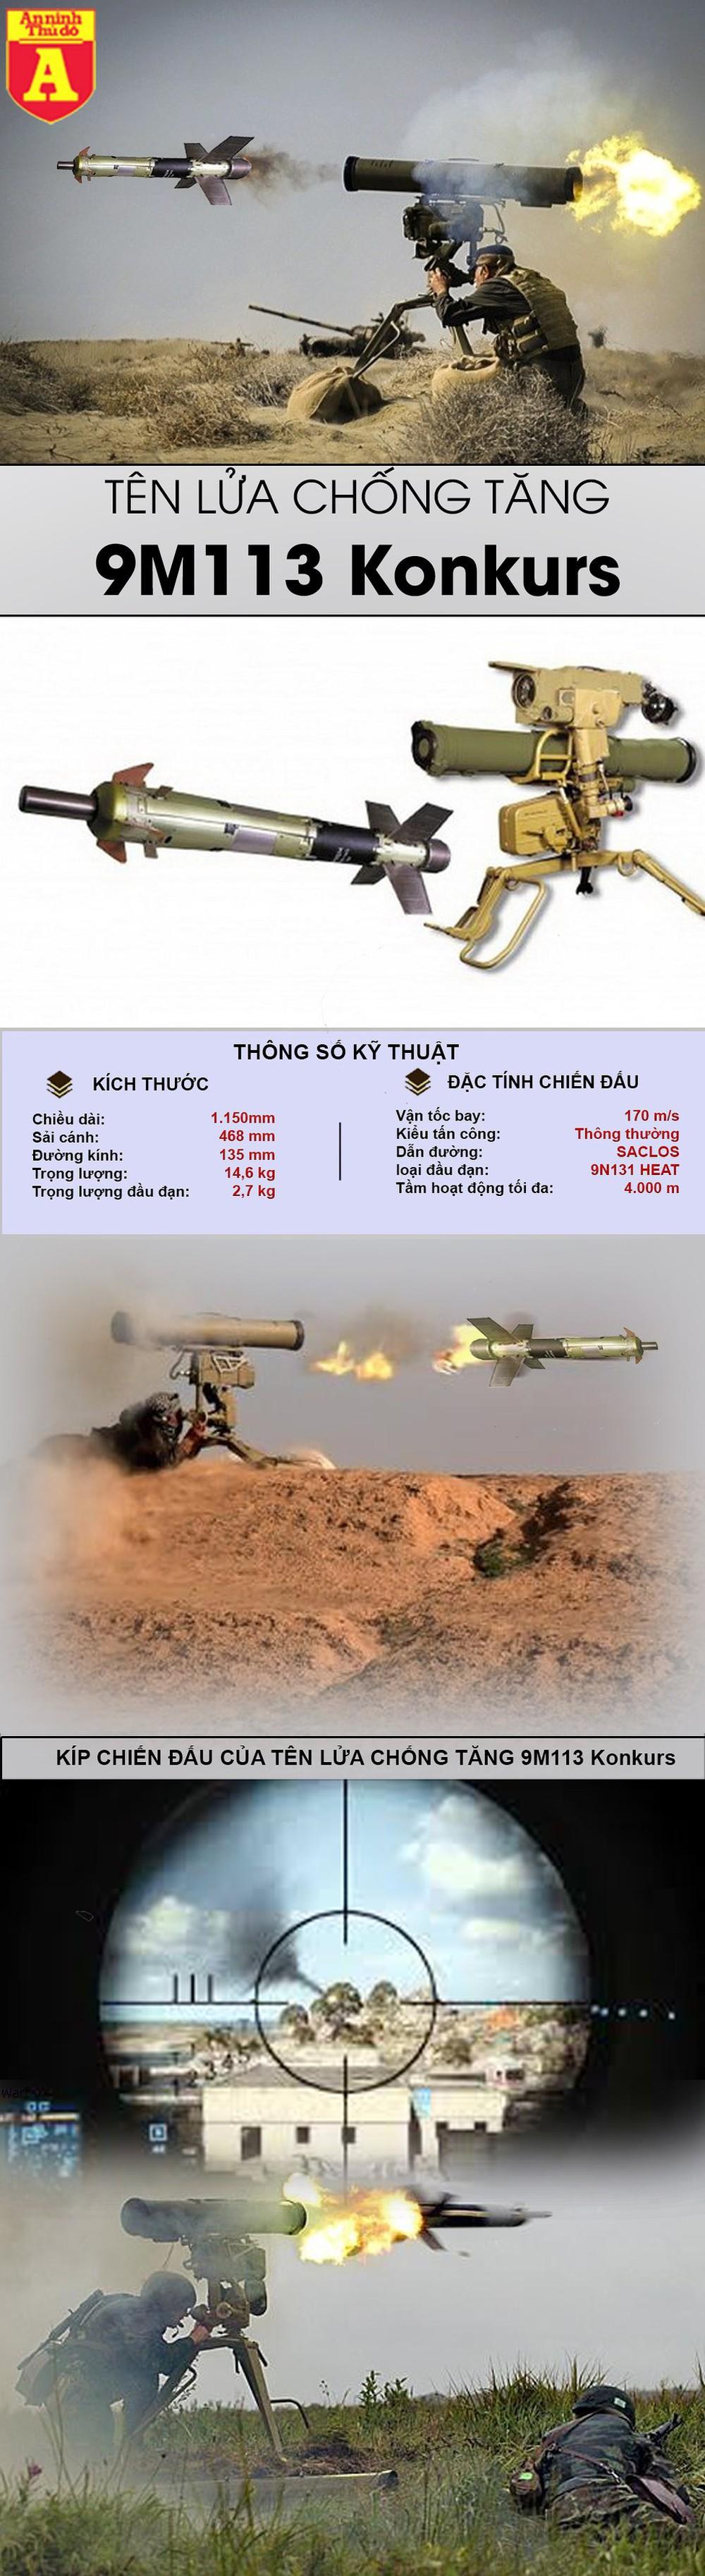 [Infographics] Loại tên lửa Liên Xô vừa khiến xe tăng T-90 Nga cháy đen  - Ảnh 1